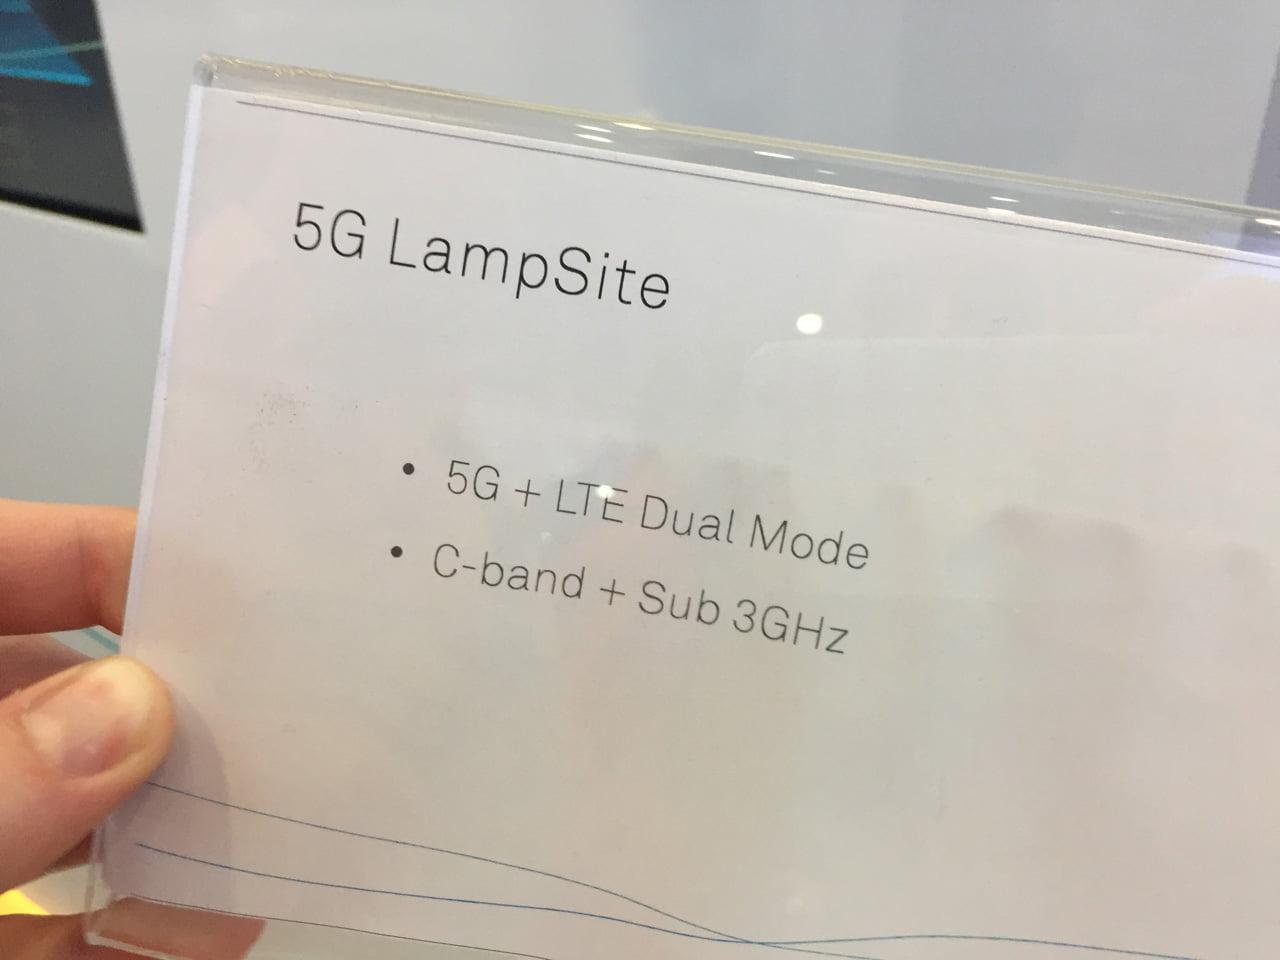 První 5G technologie od Huawei